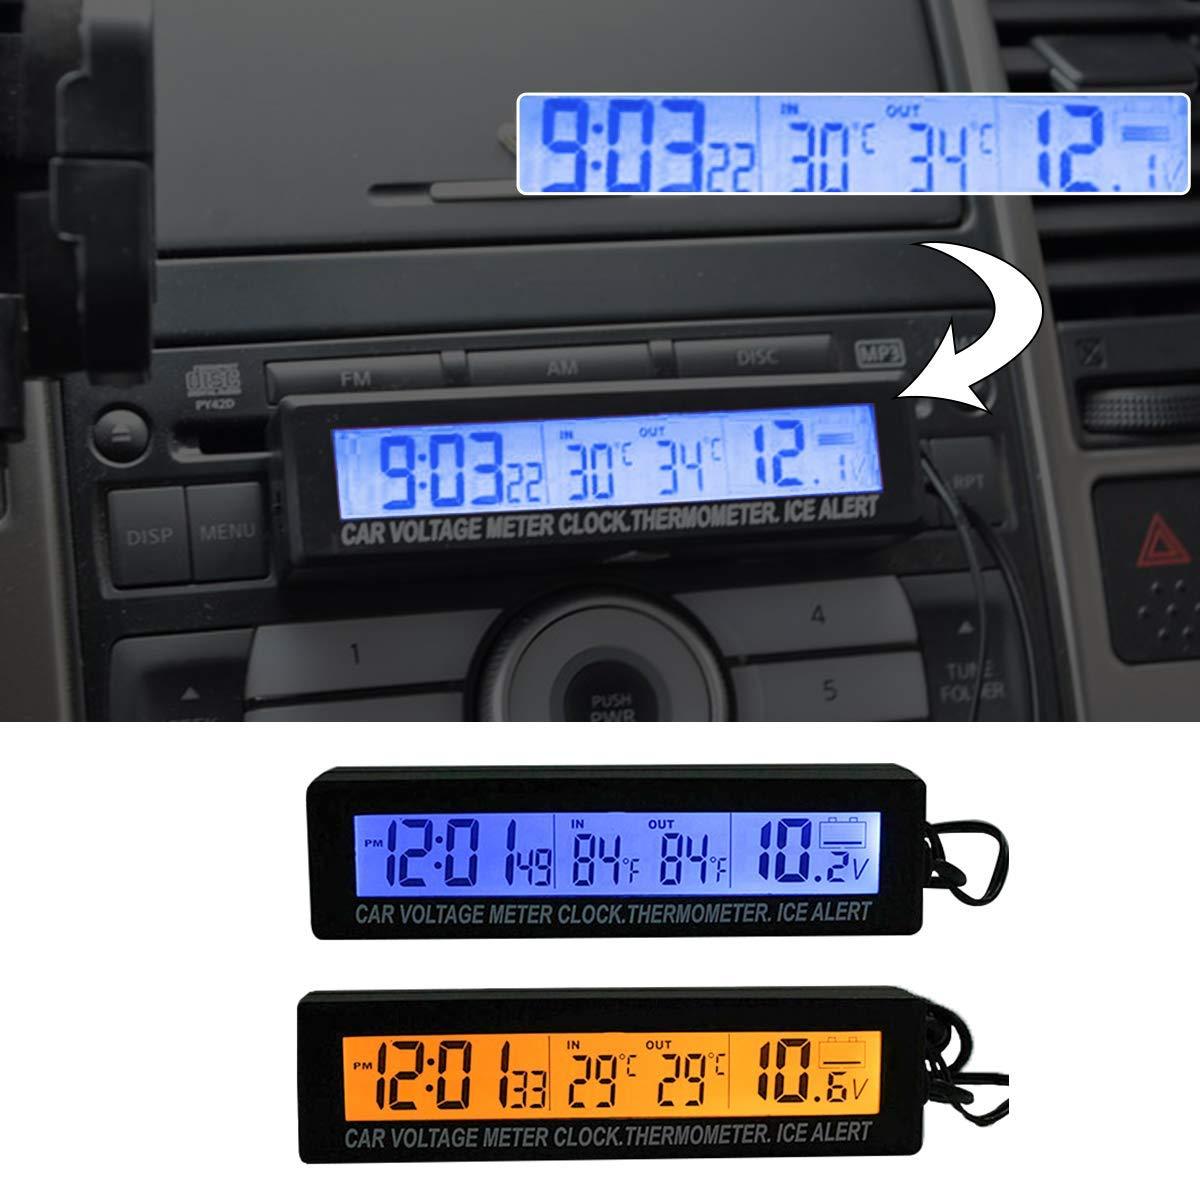 supporta le modalit/à di trasformazione 12h//24h HugeAuto orologio digitale universale per cruscotto auto con luce nera e schermo LCD regolabile con indicatore della temperatura del veicolo